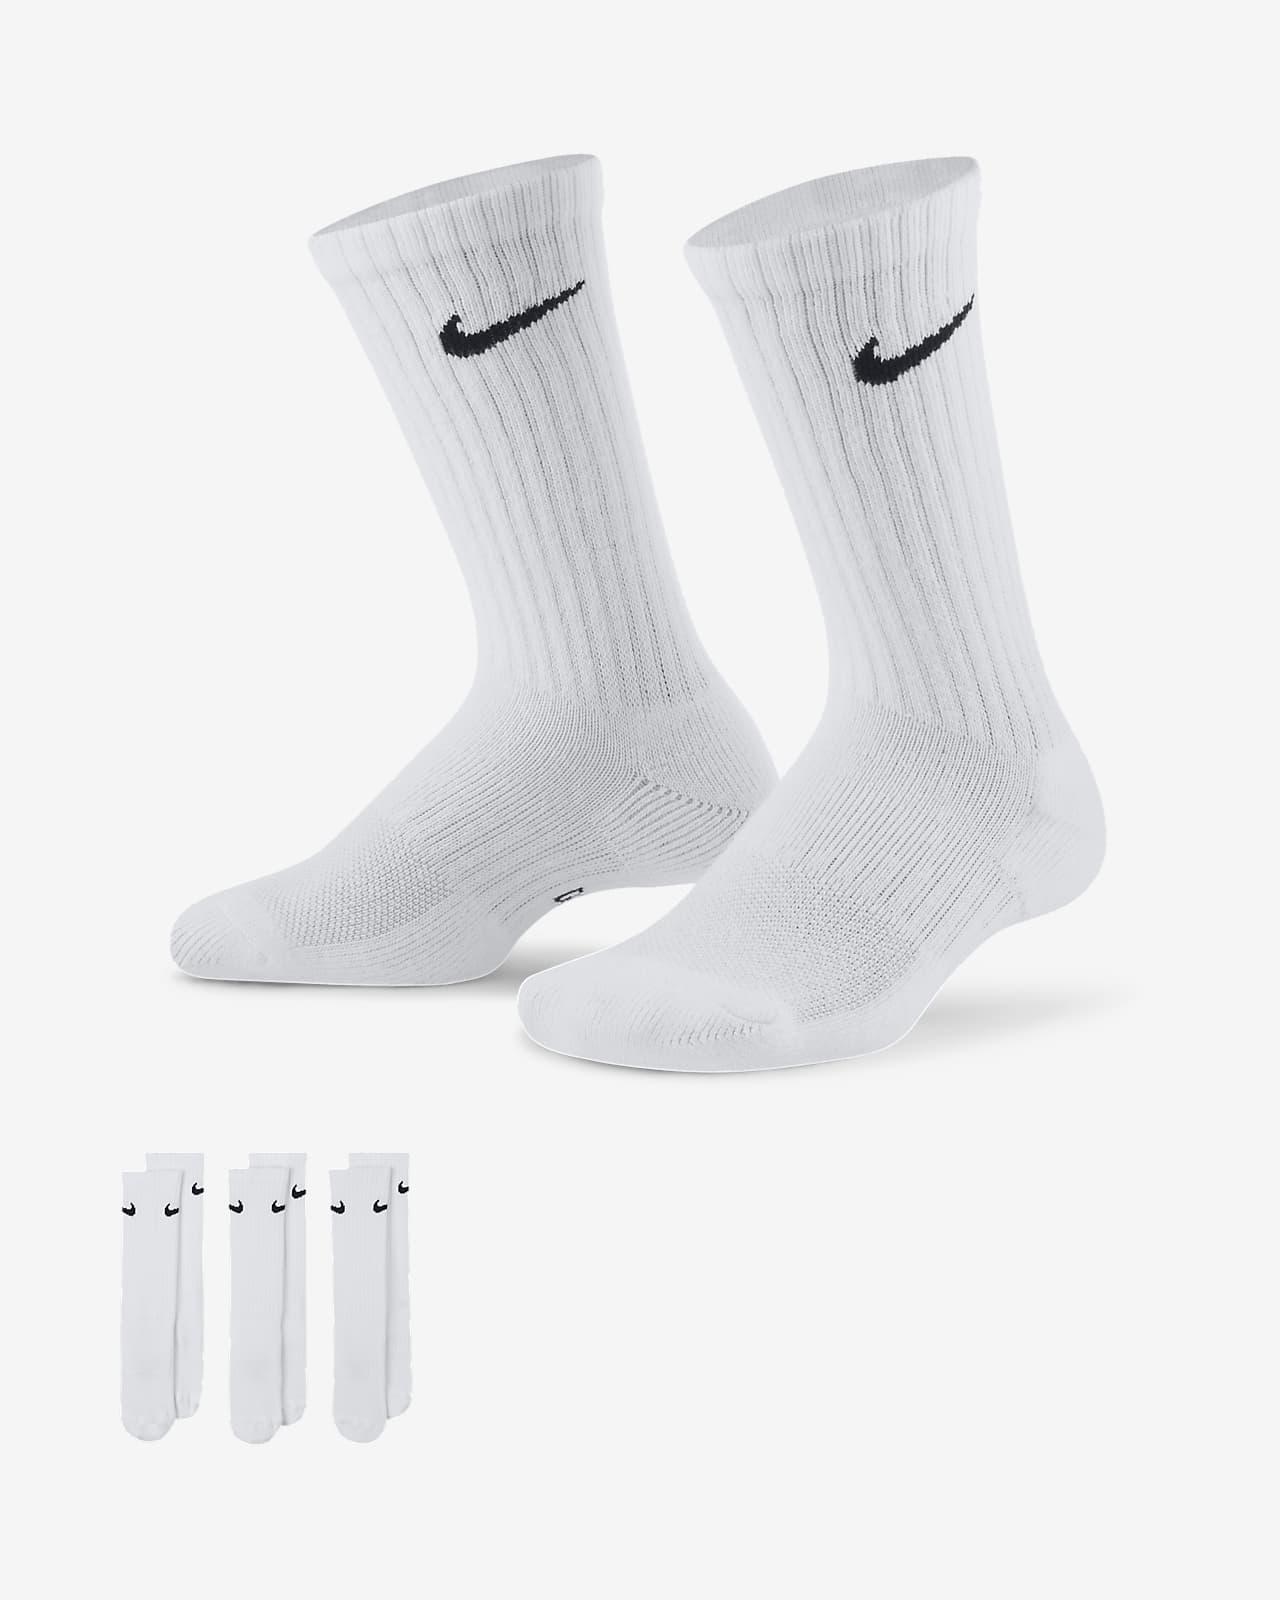 Meias Nike Everyday Cushioned para criança (3 pares)